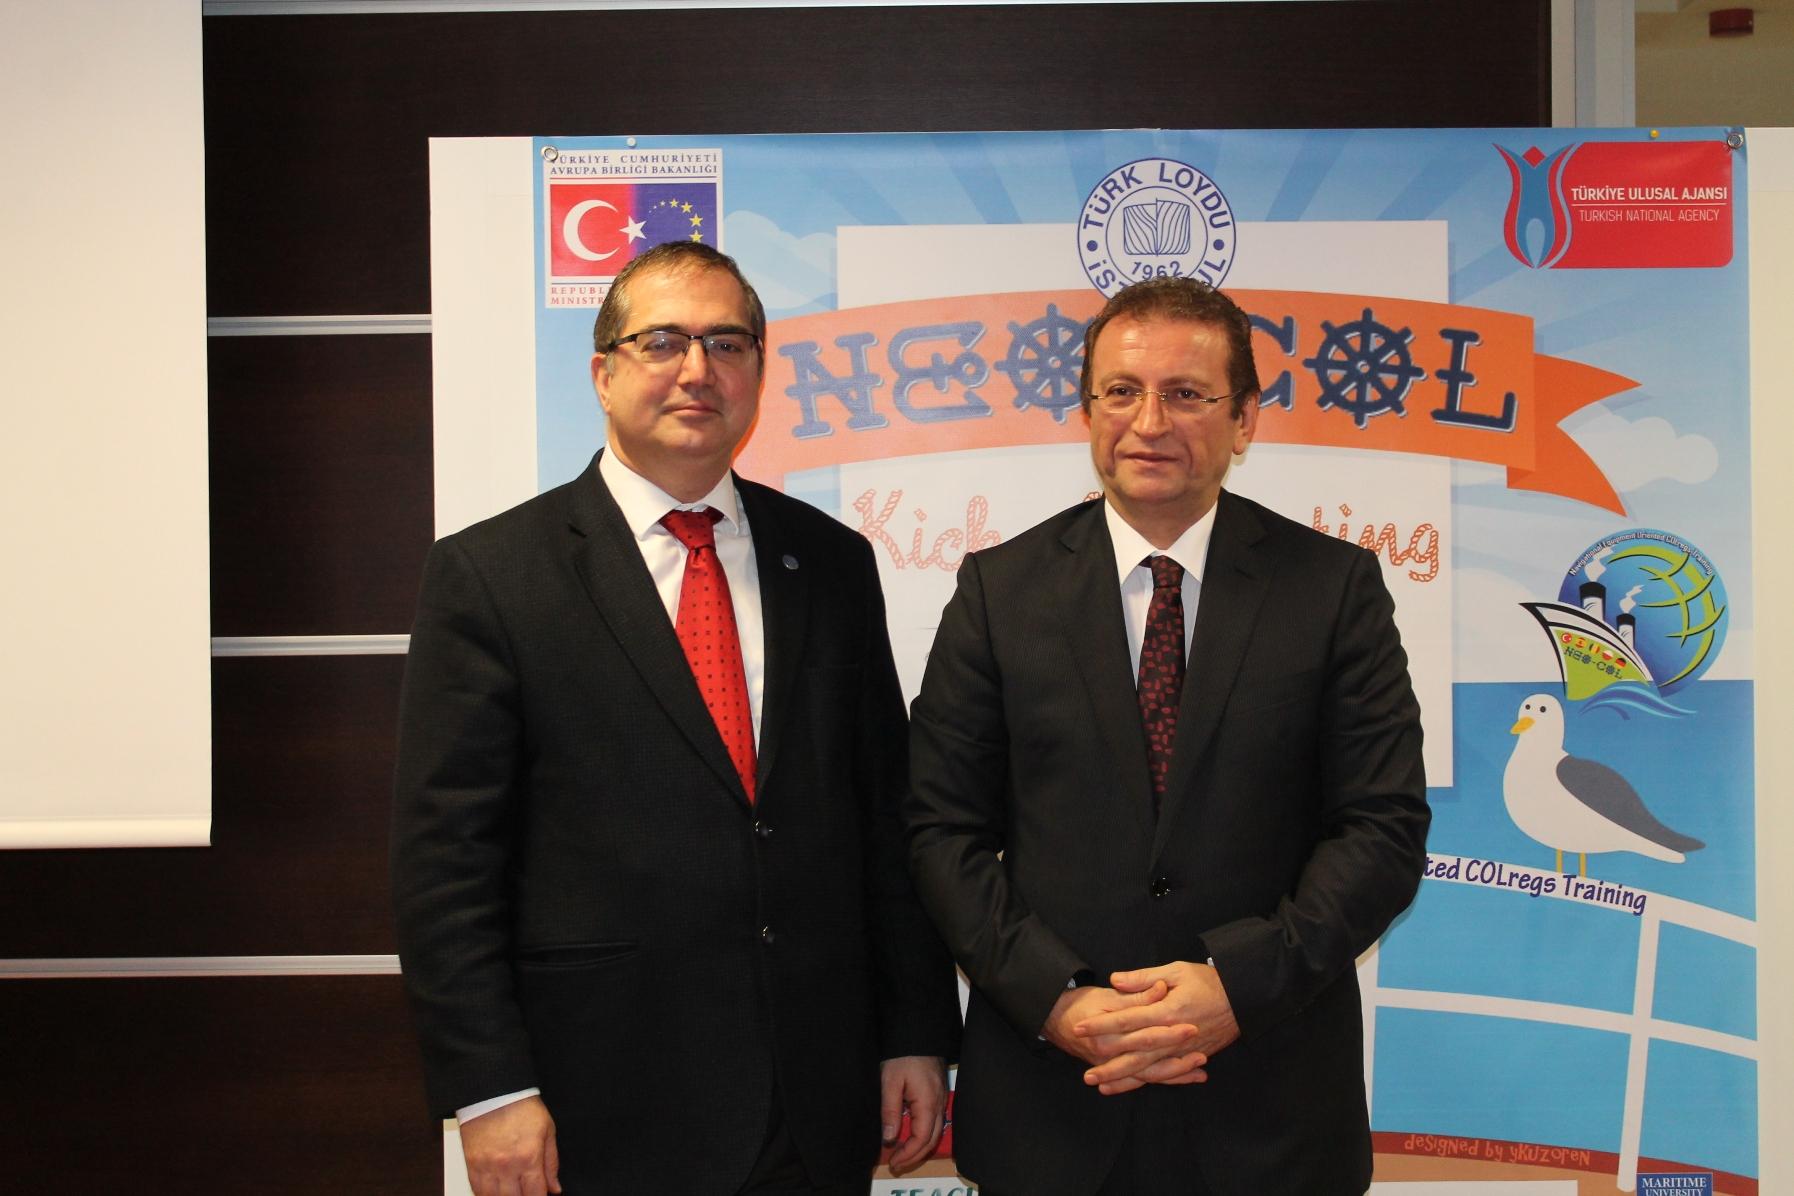 Photo of NEO-COL Projesinin Açılış Toplantısı Türk Loydu Evsahipliğinde Gerçekleşti